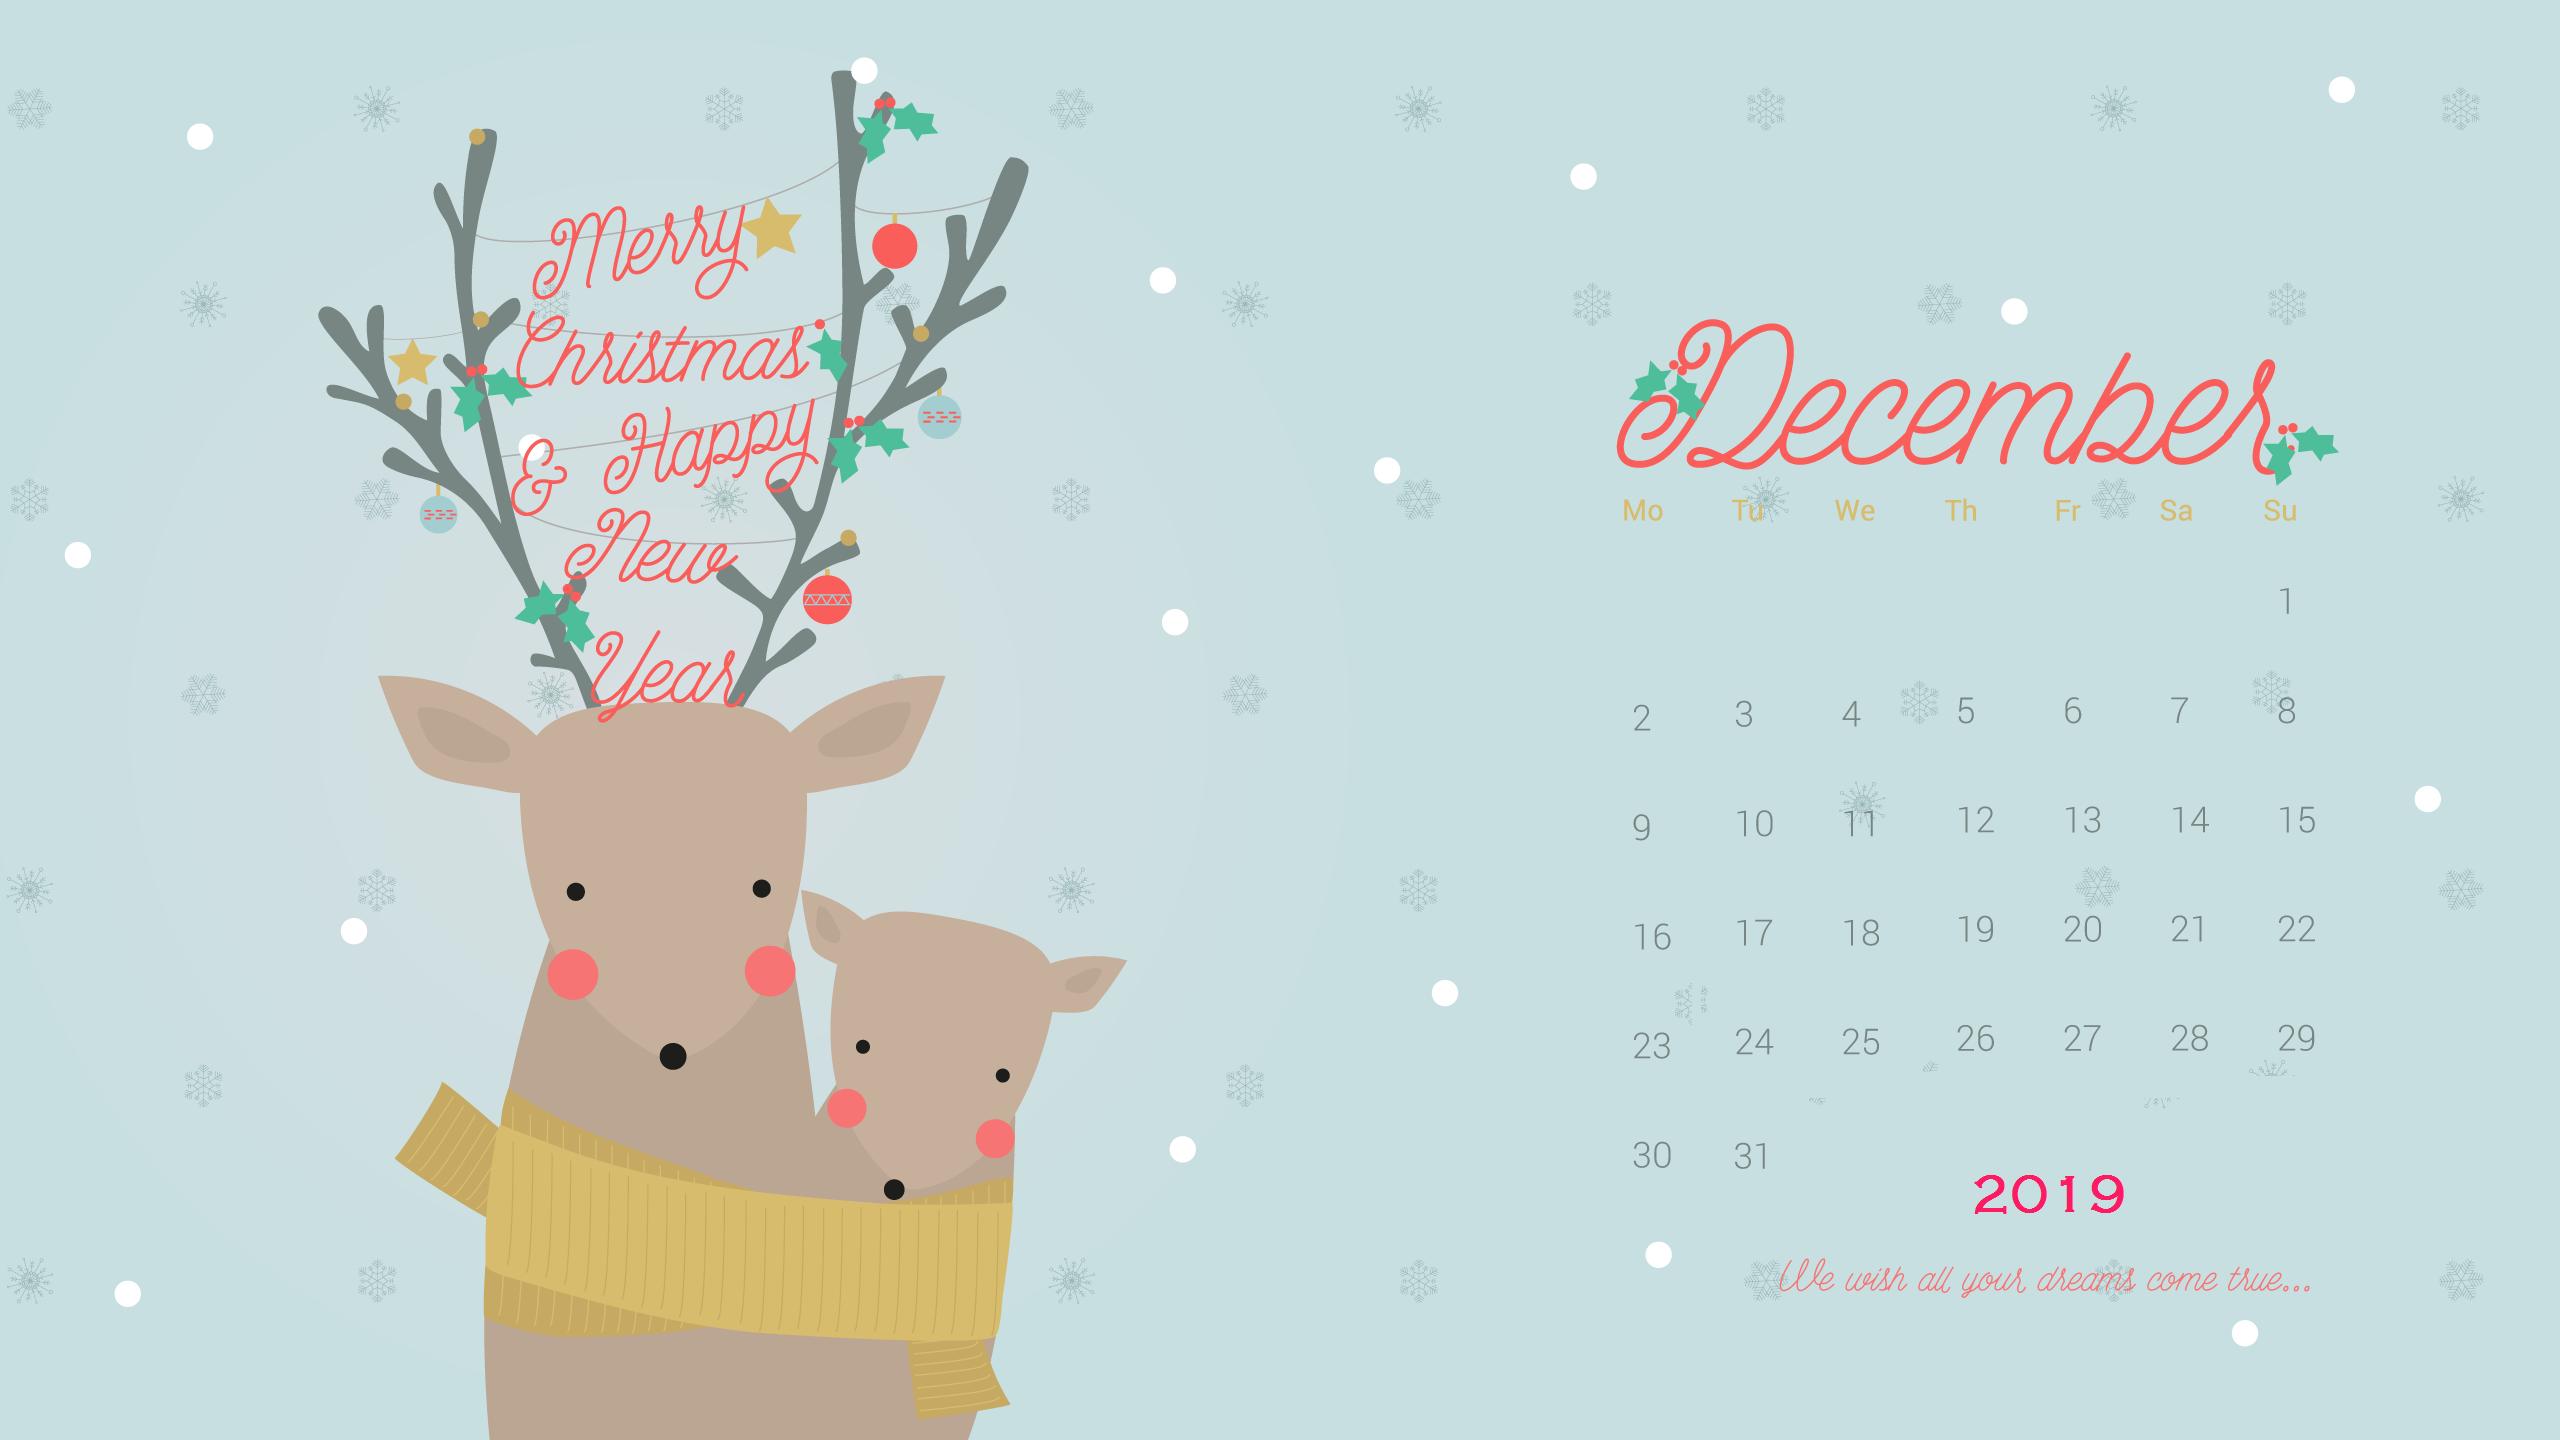 Cute December 2019 Desktop Wallpaper Calendar Wallpaper Christmas Desktop Wallpaper December Wallpaper